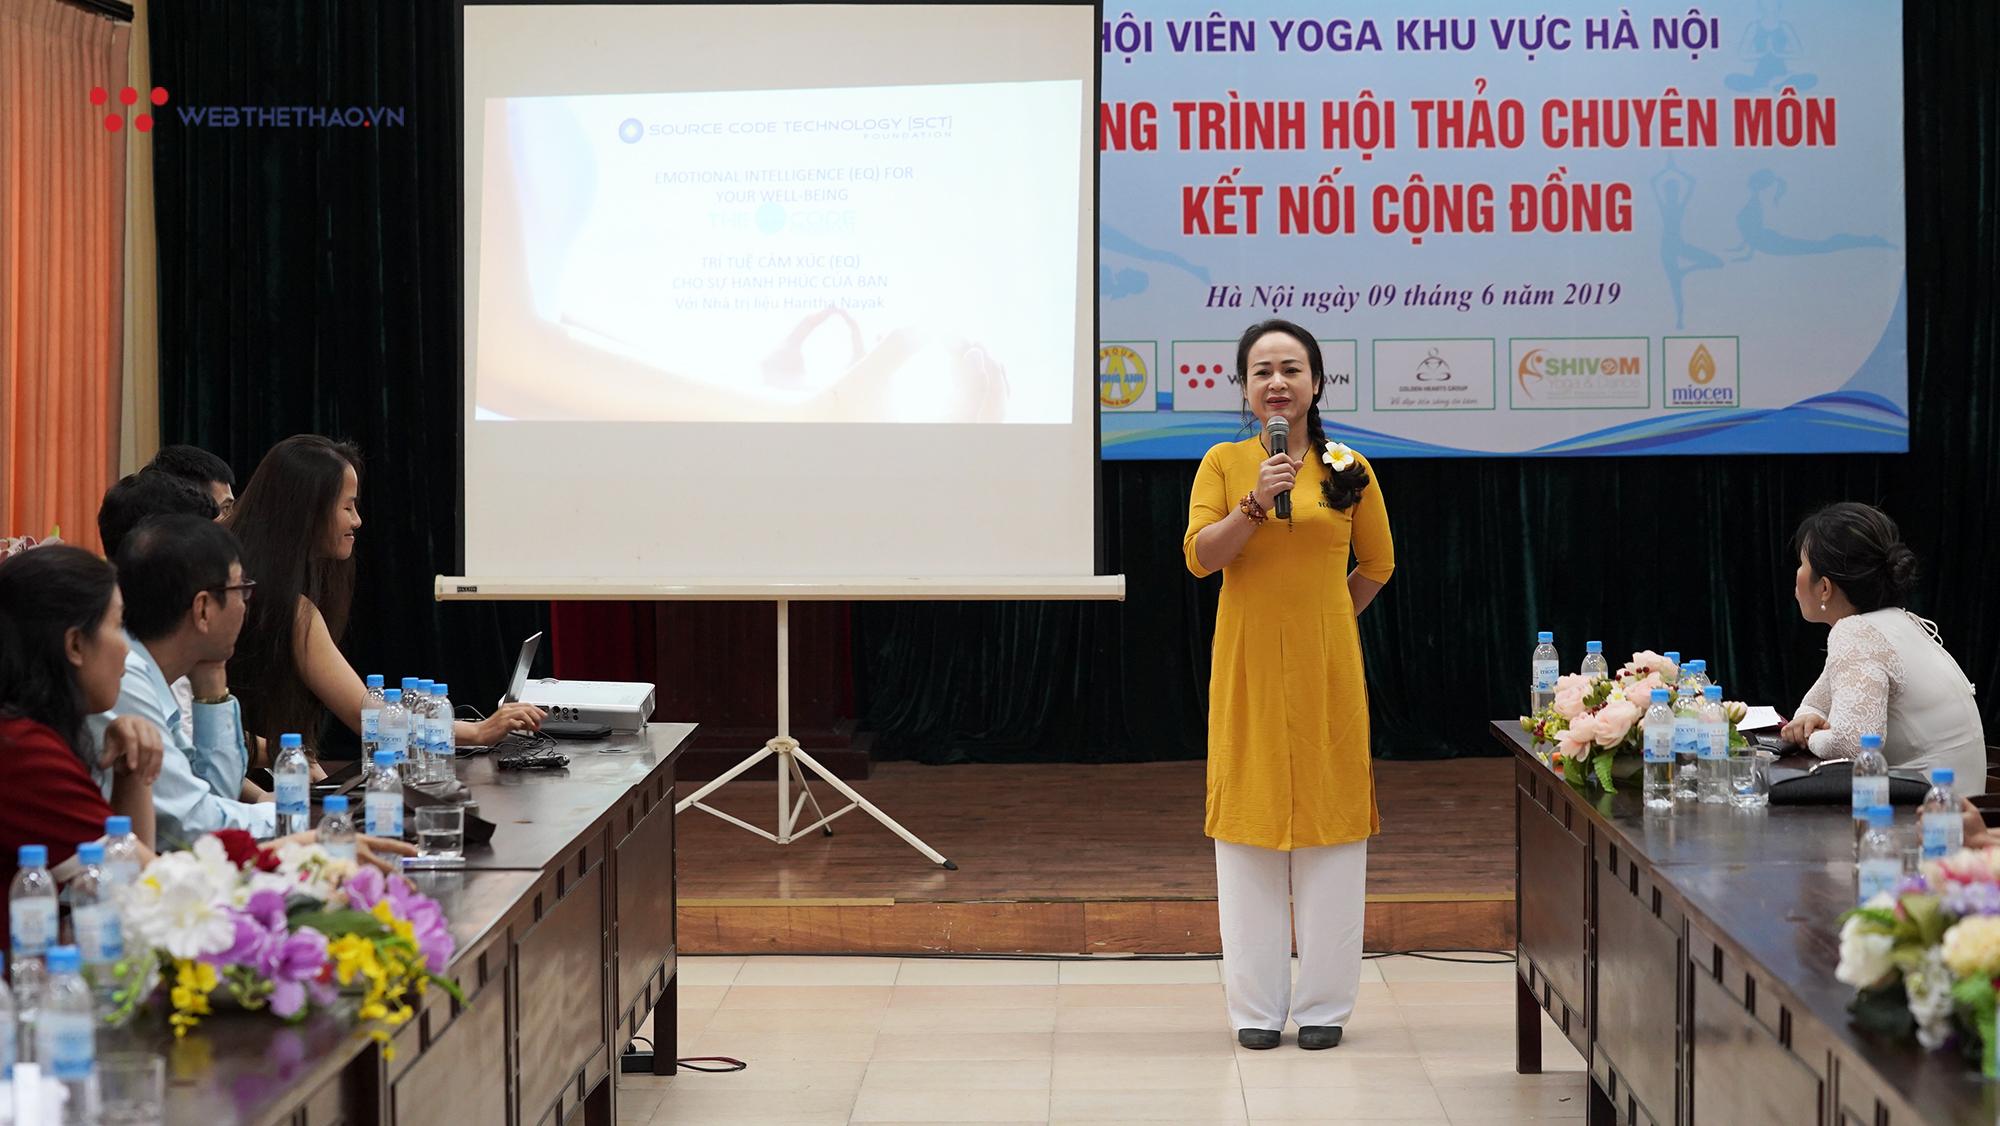 Yoga và những tác động tuyệt vời, thay đổi cuộc sống của nhiều học viên